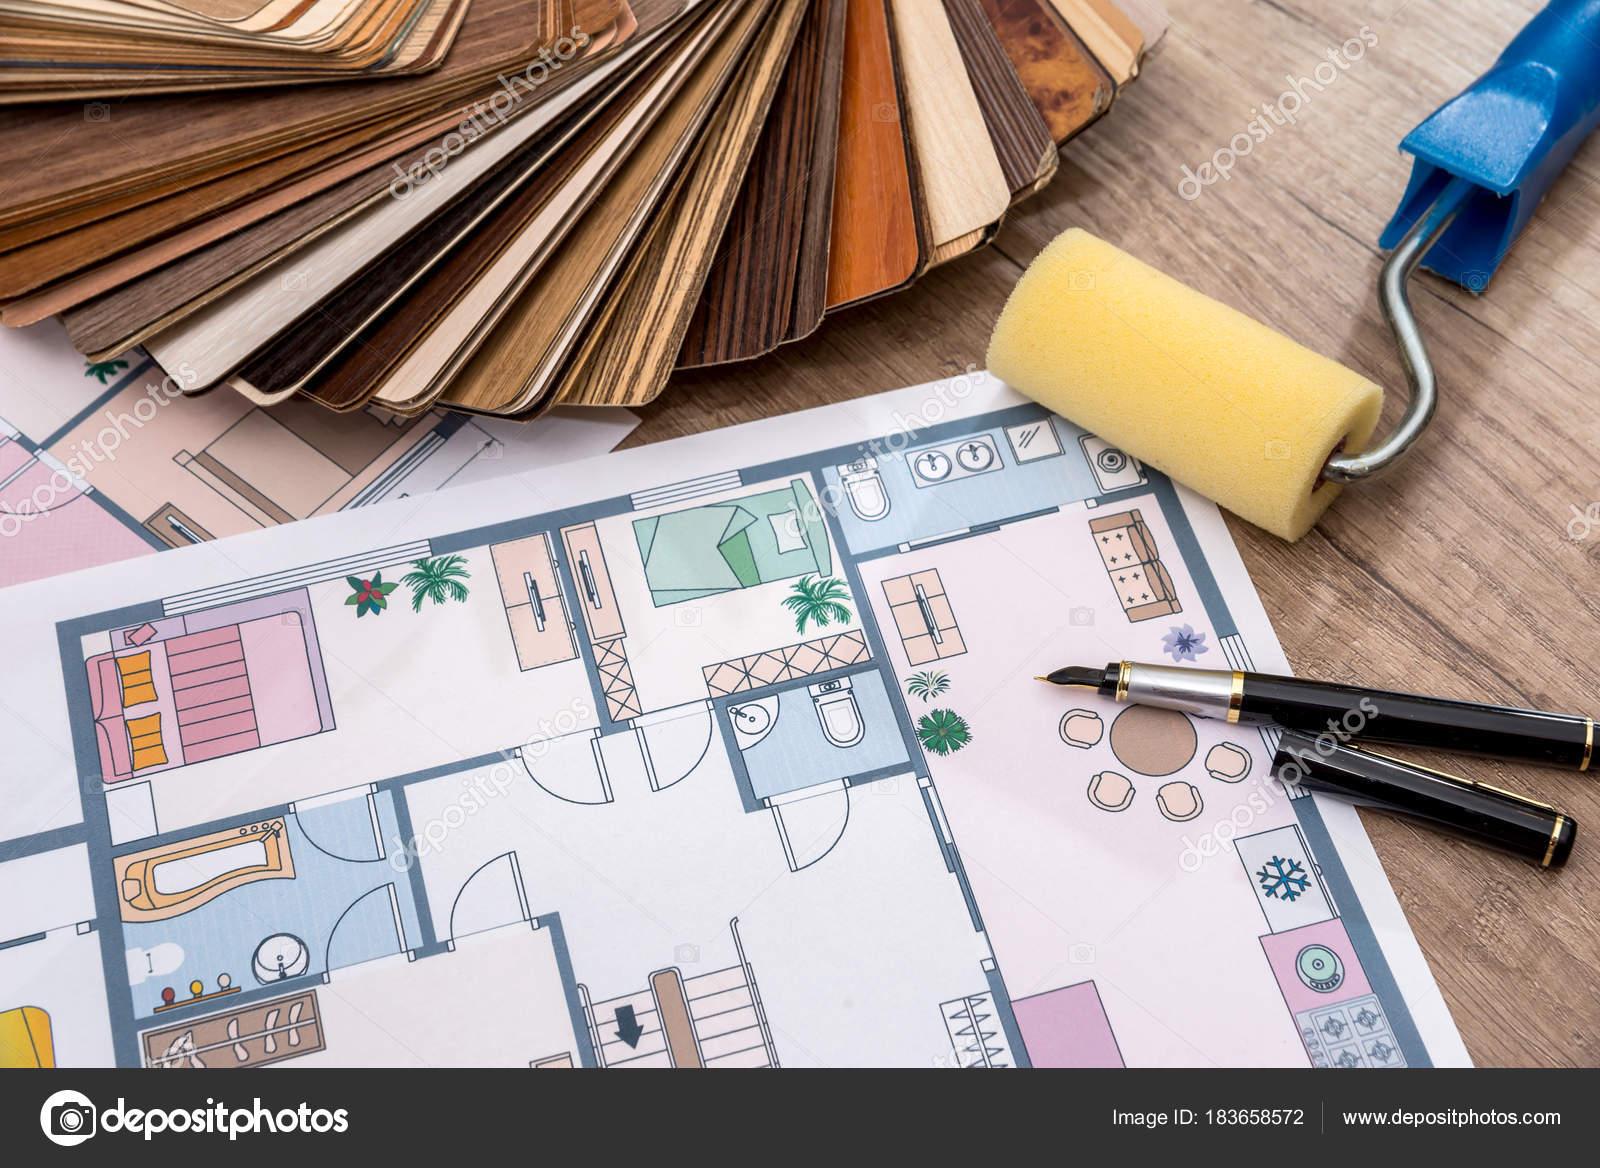 Architektonische Gestaltung Des Hauses Mit Werkzeuge Und Möbel ...